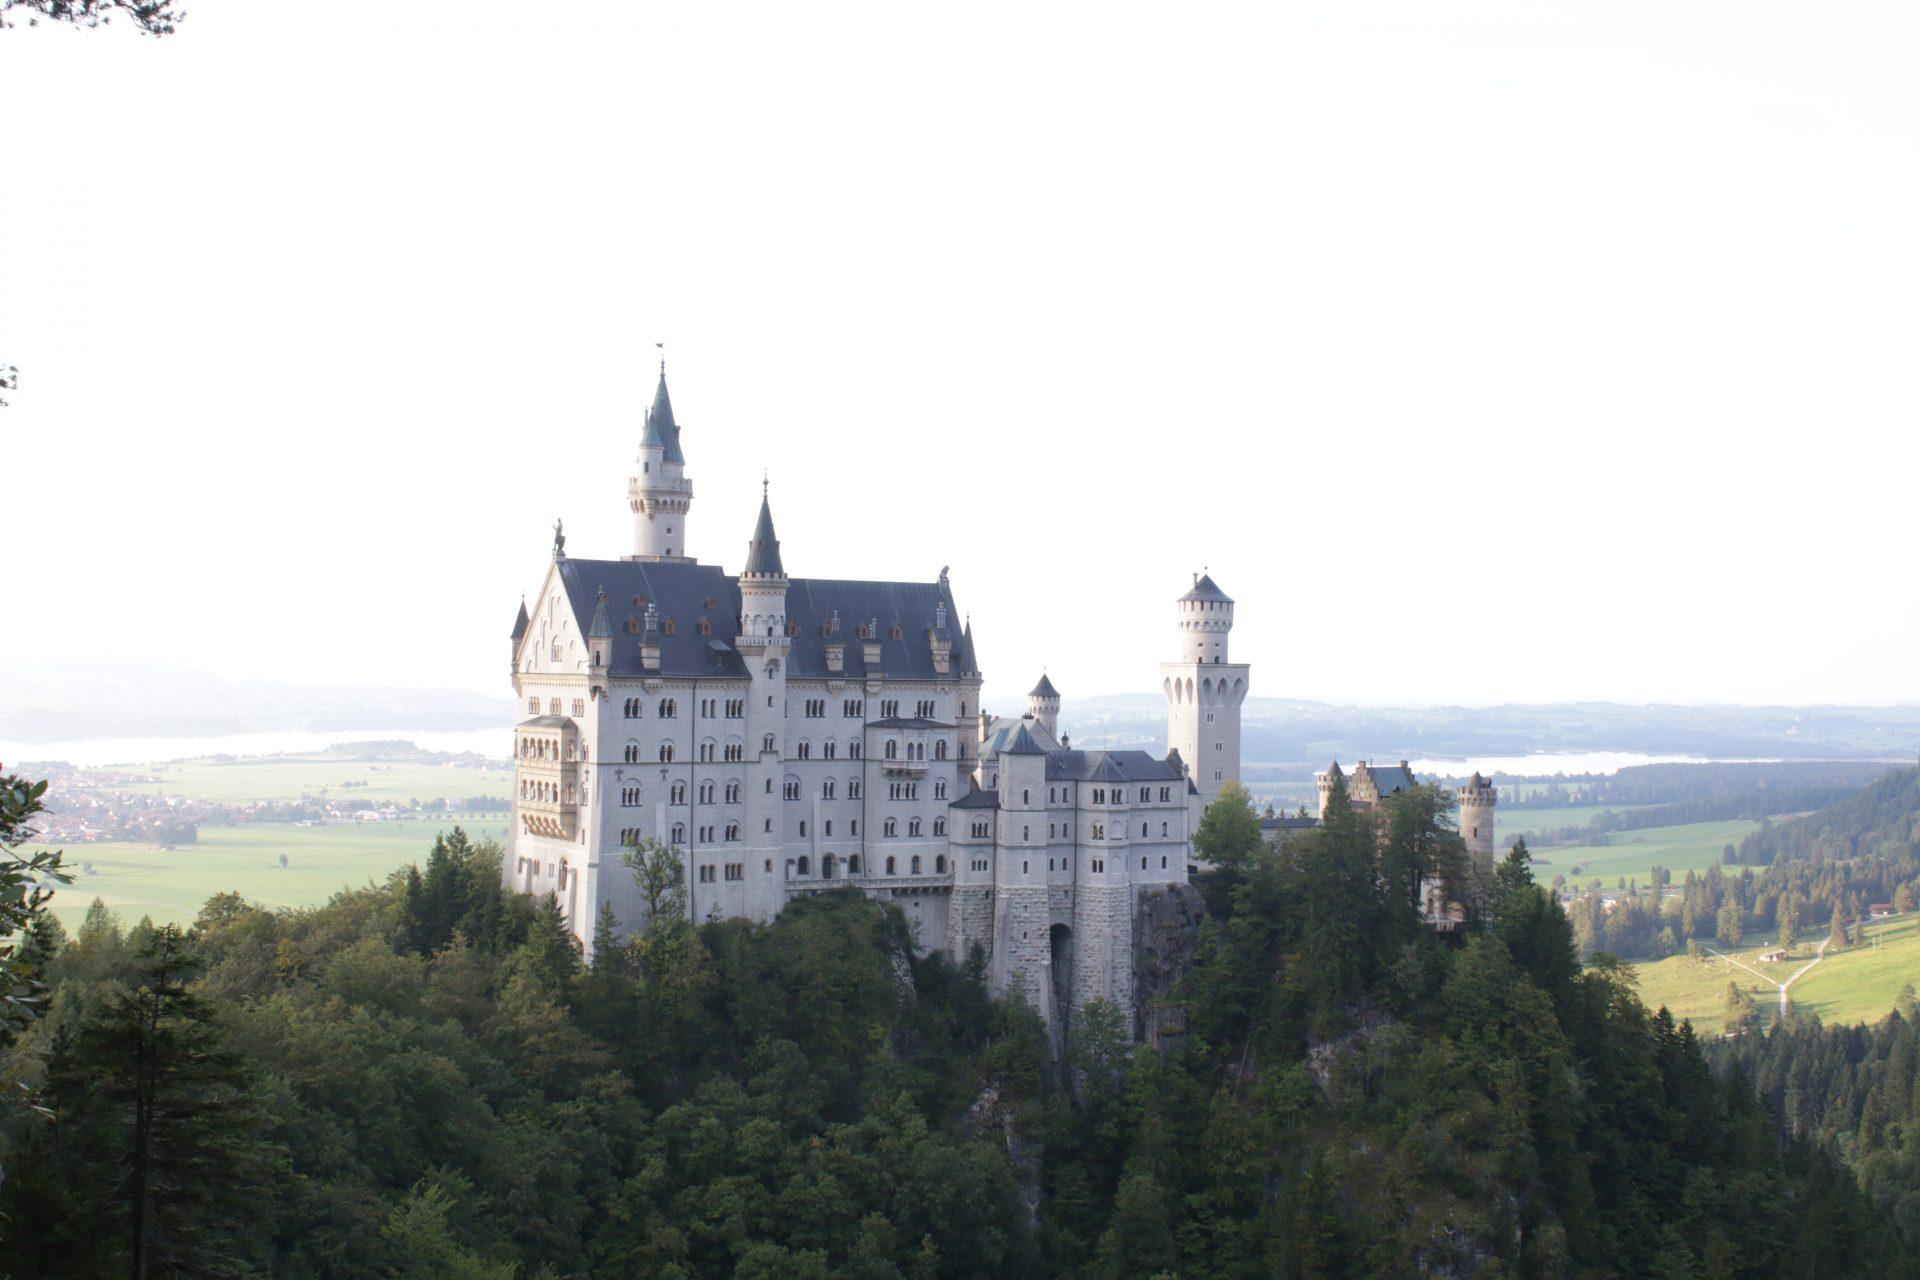 castello di fussen